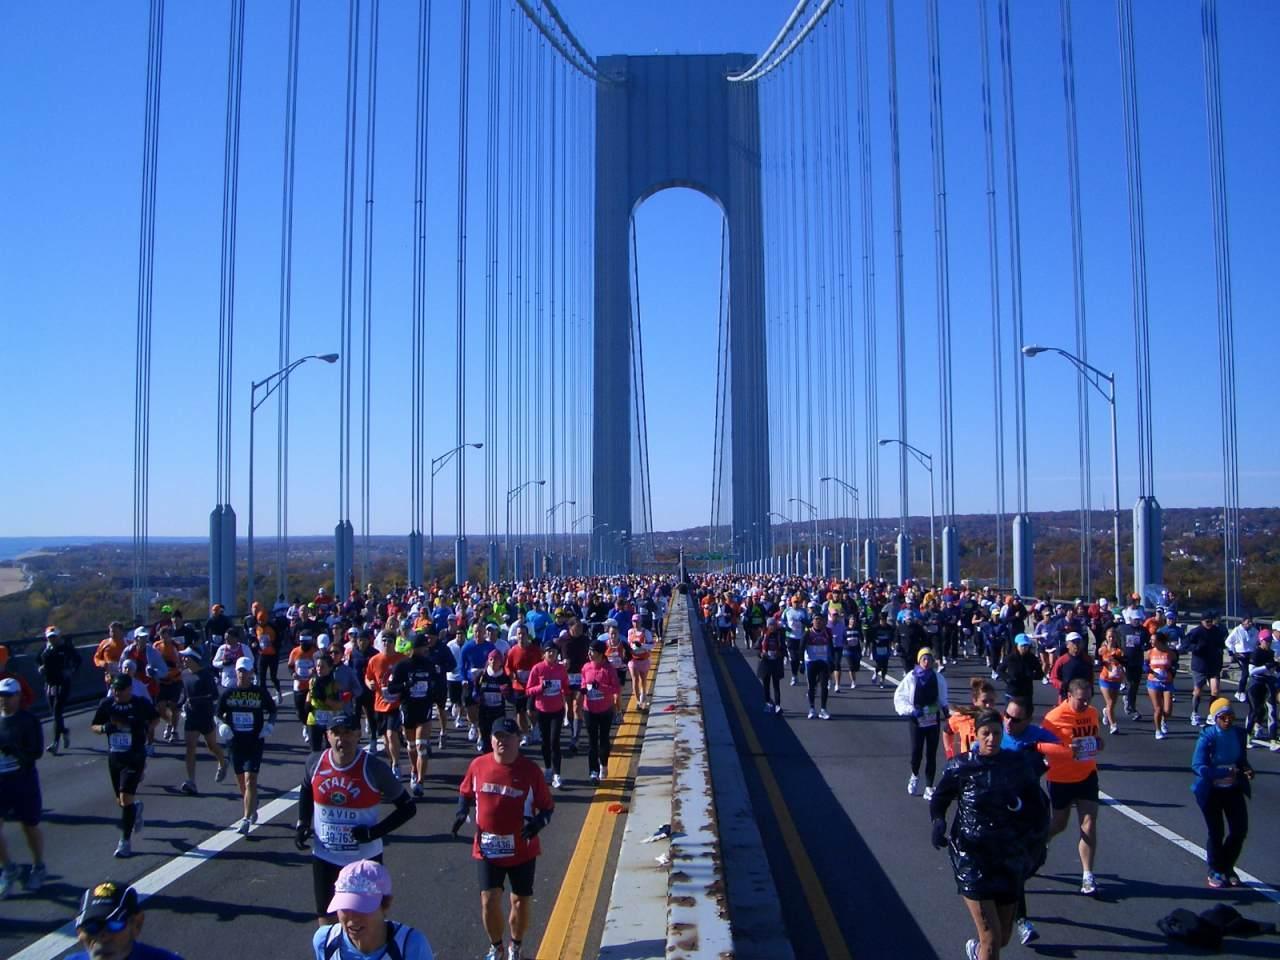 画像: 『催行保証!往復直行便 第50回記念ニューヨークシティマラソンツアー 10月31日出発Aプラン6日間』ゴール徒歩圏内ニューヨークヒルトン宿泊確約!大会登録早得|クラブツーリズム